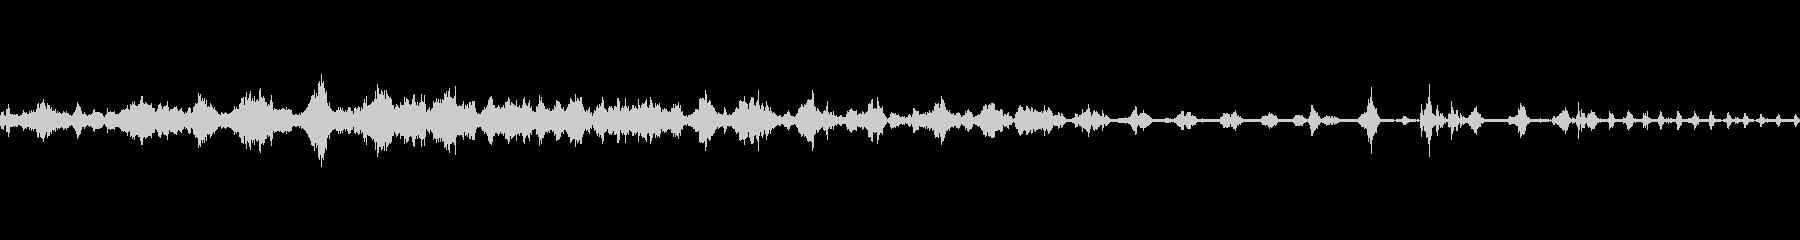 ライオンのar音グループの未再生の波形